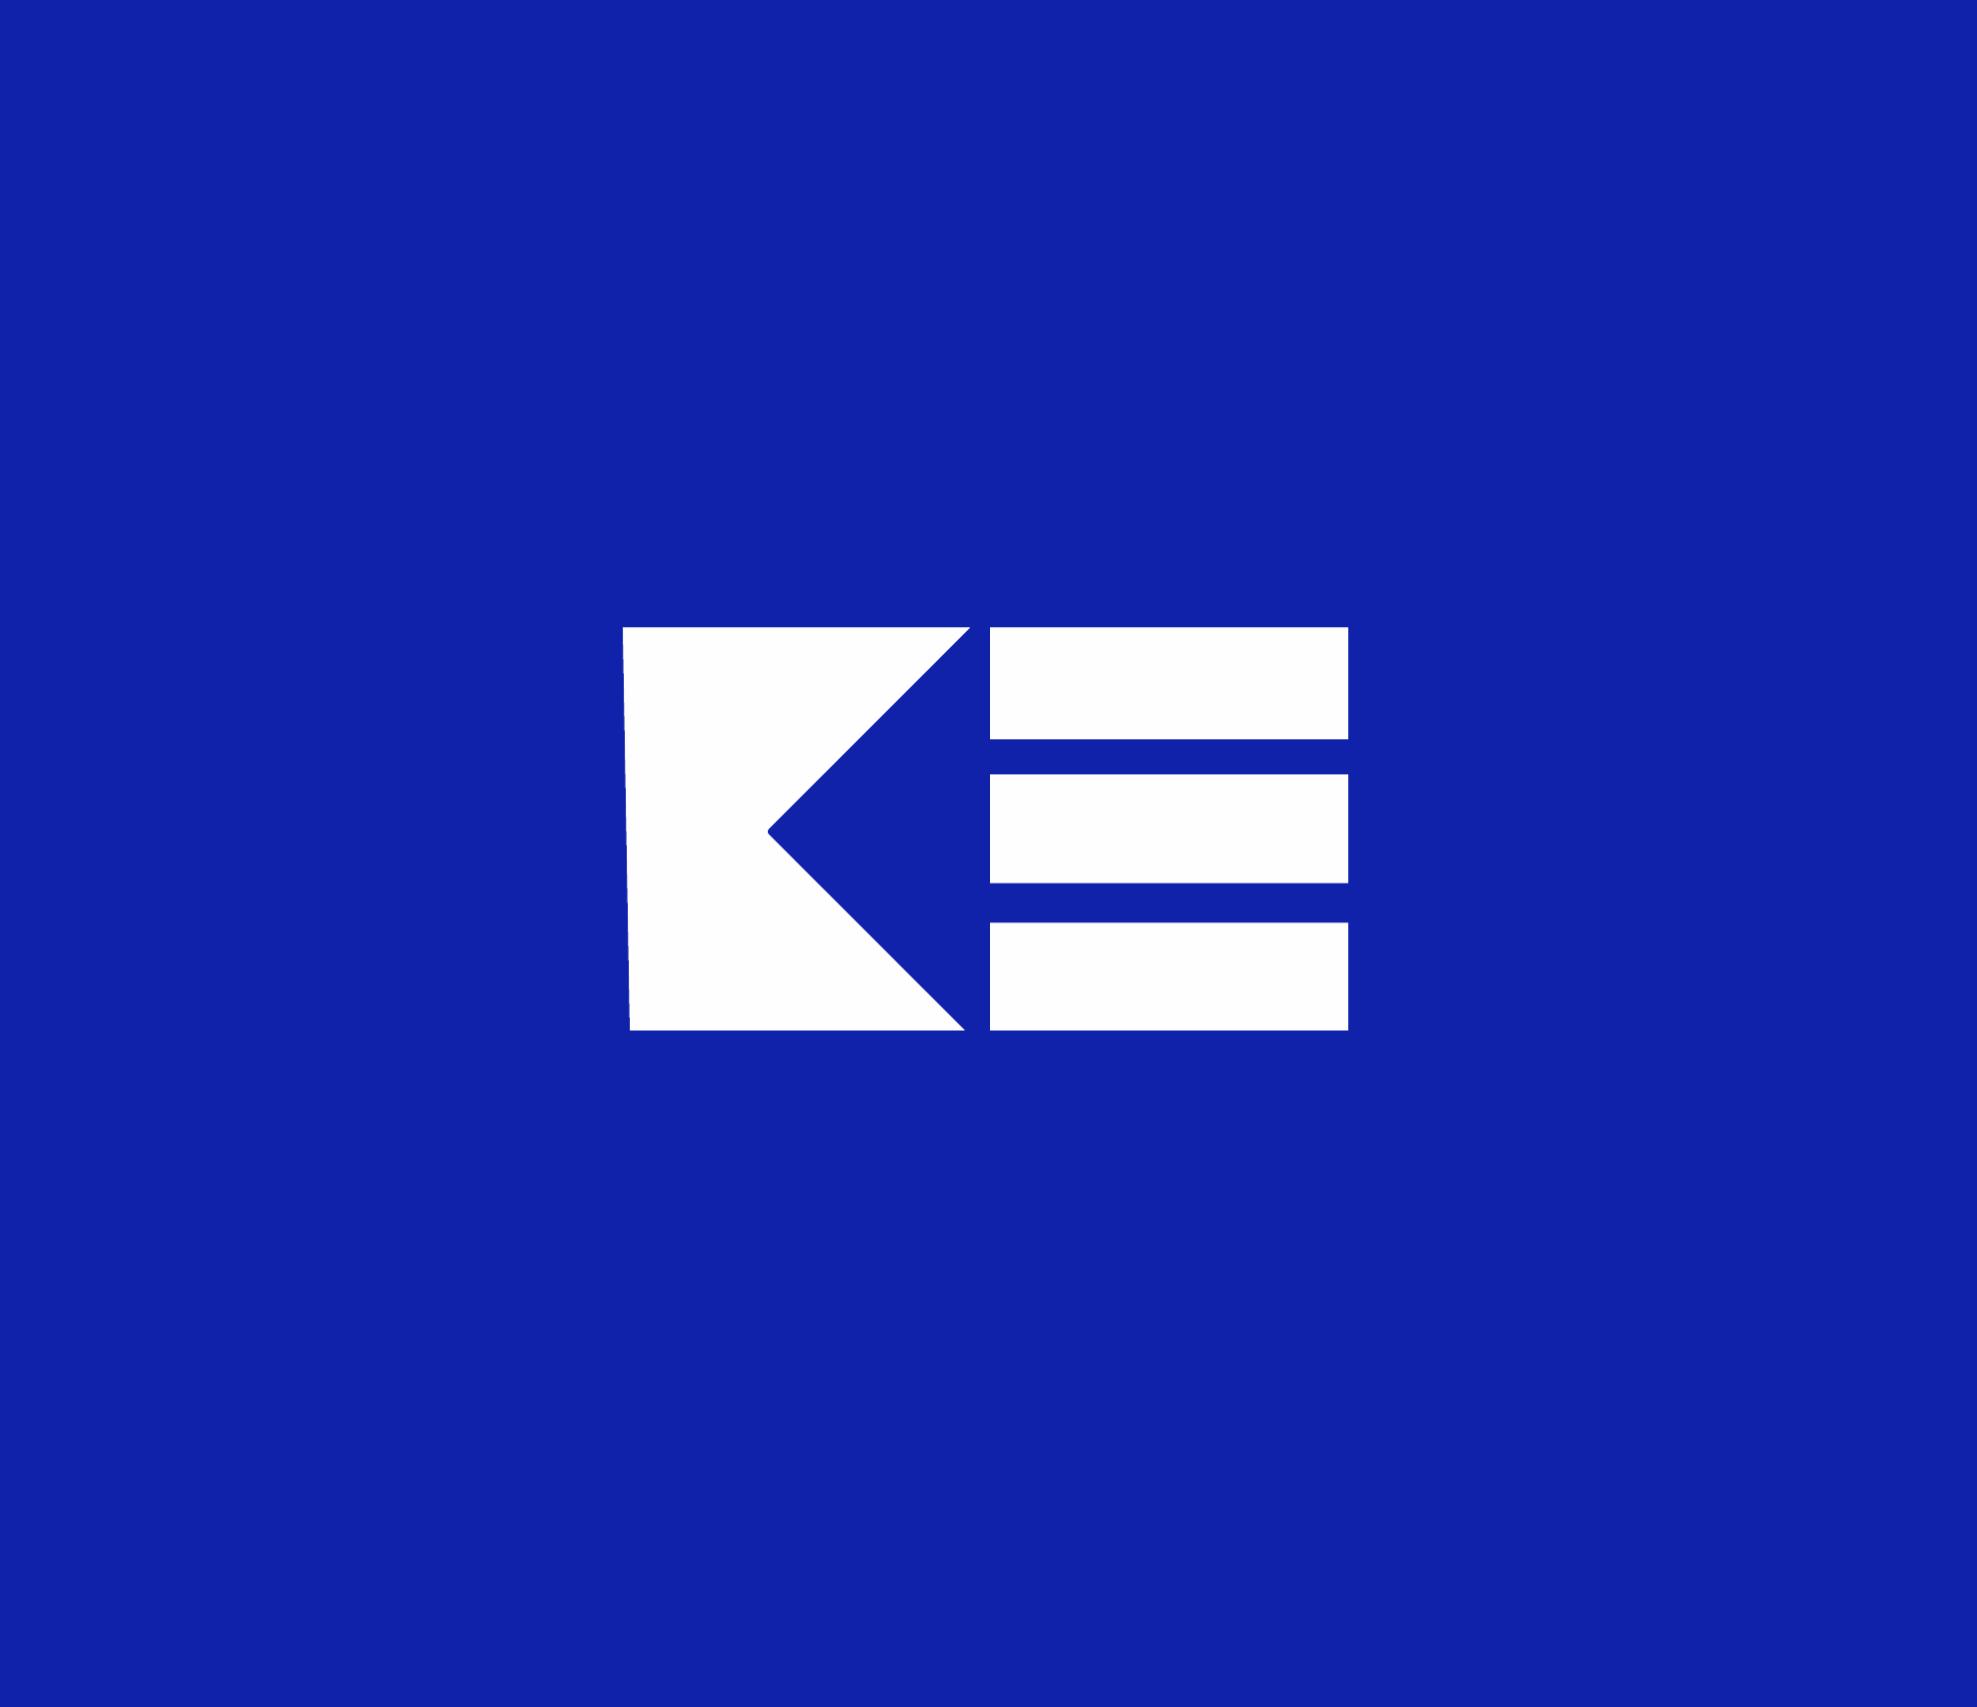 Логотип для компании инвестироваюшей в жилую недвижимость фото f_5125e1199c426047.png